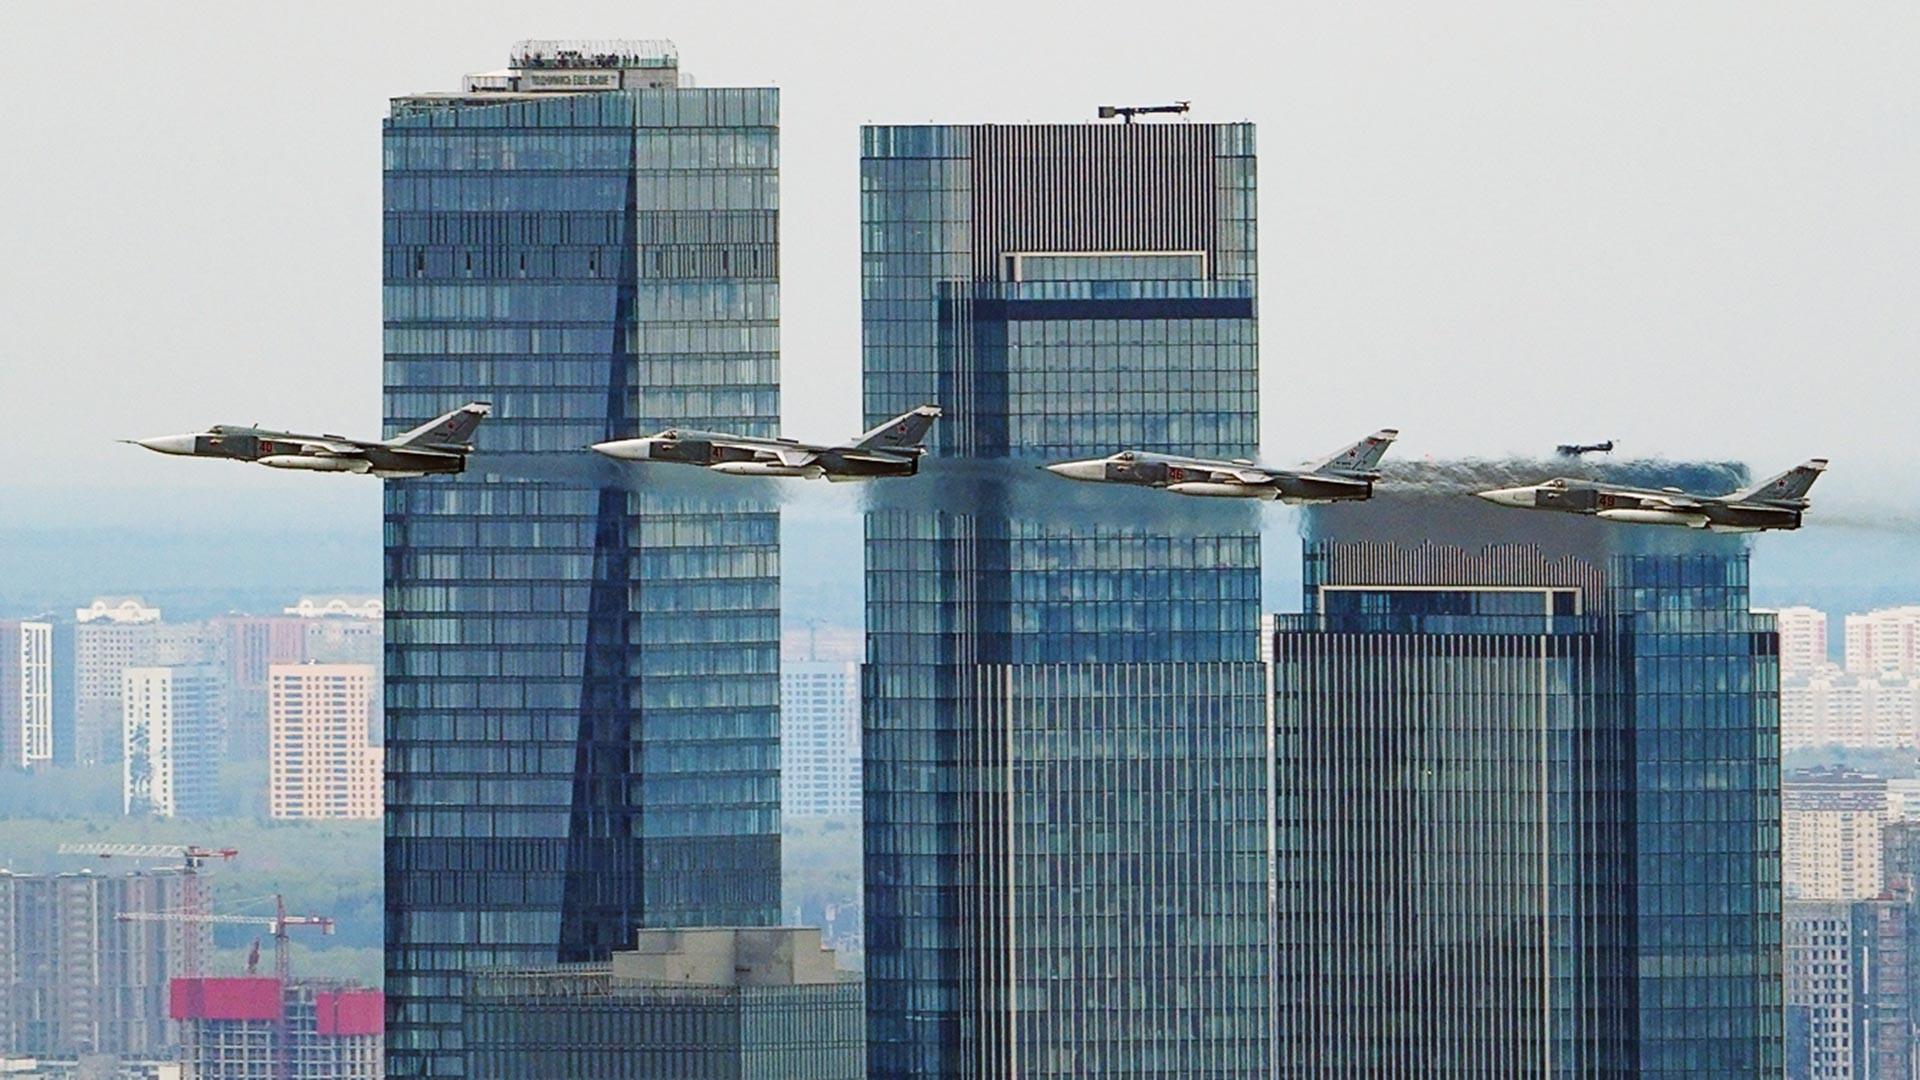 Le bombardier Su-24 est un avion d'attaque supersonique, capable d'opérer par tous les temps, développé en Union soviétique. Il est doté d'une aile à géométrie variable, de deux moteurs et de deux sièges côte à côte pour son équipage.